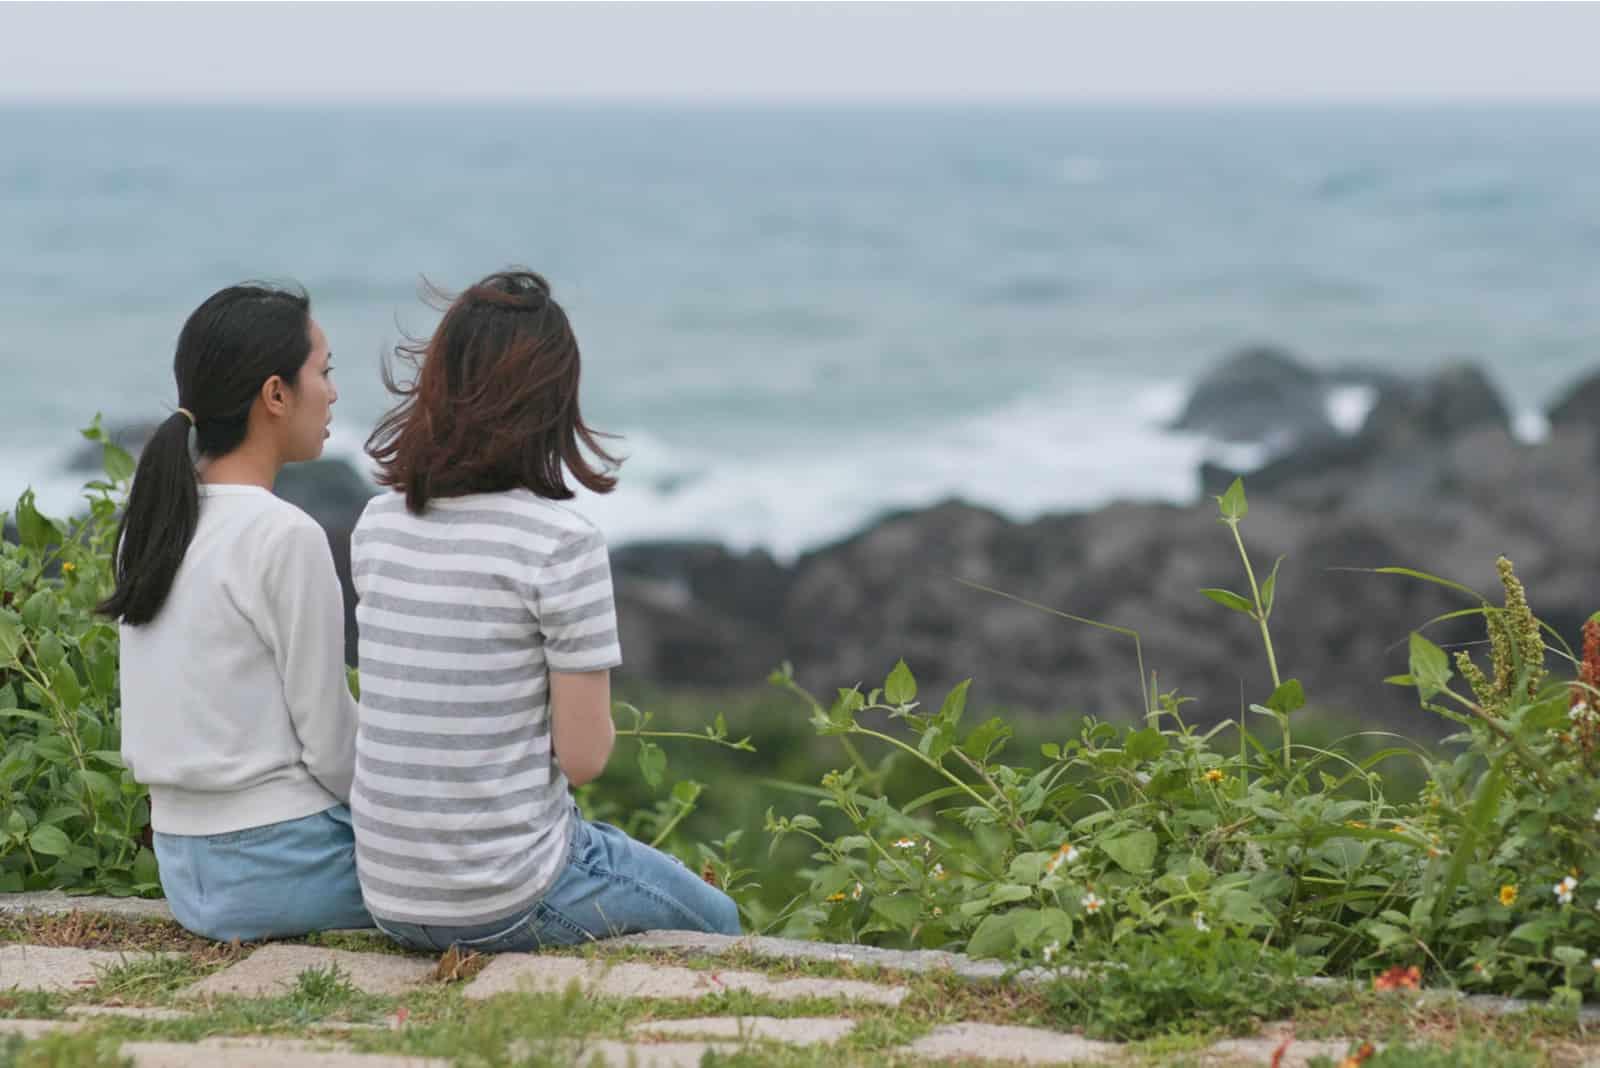 Jeunes femmes bavardant et assis